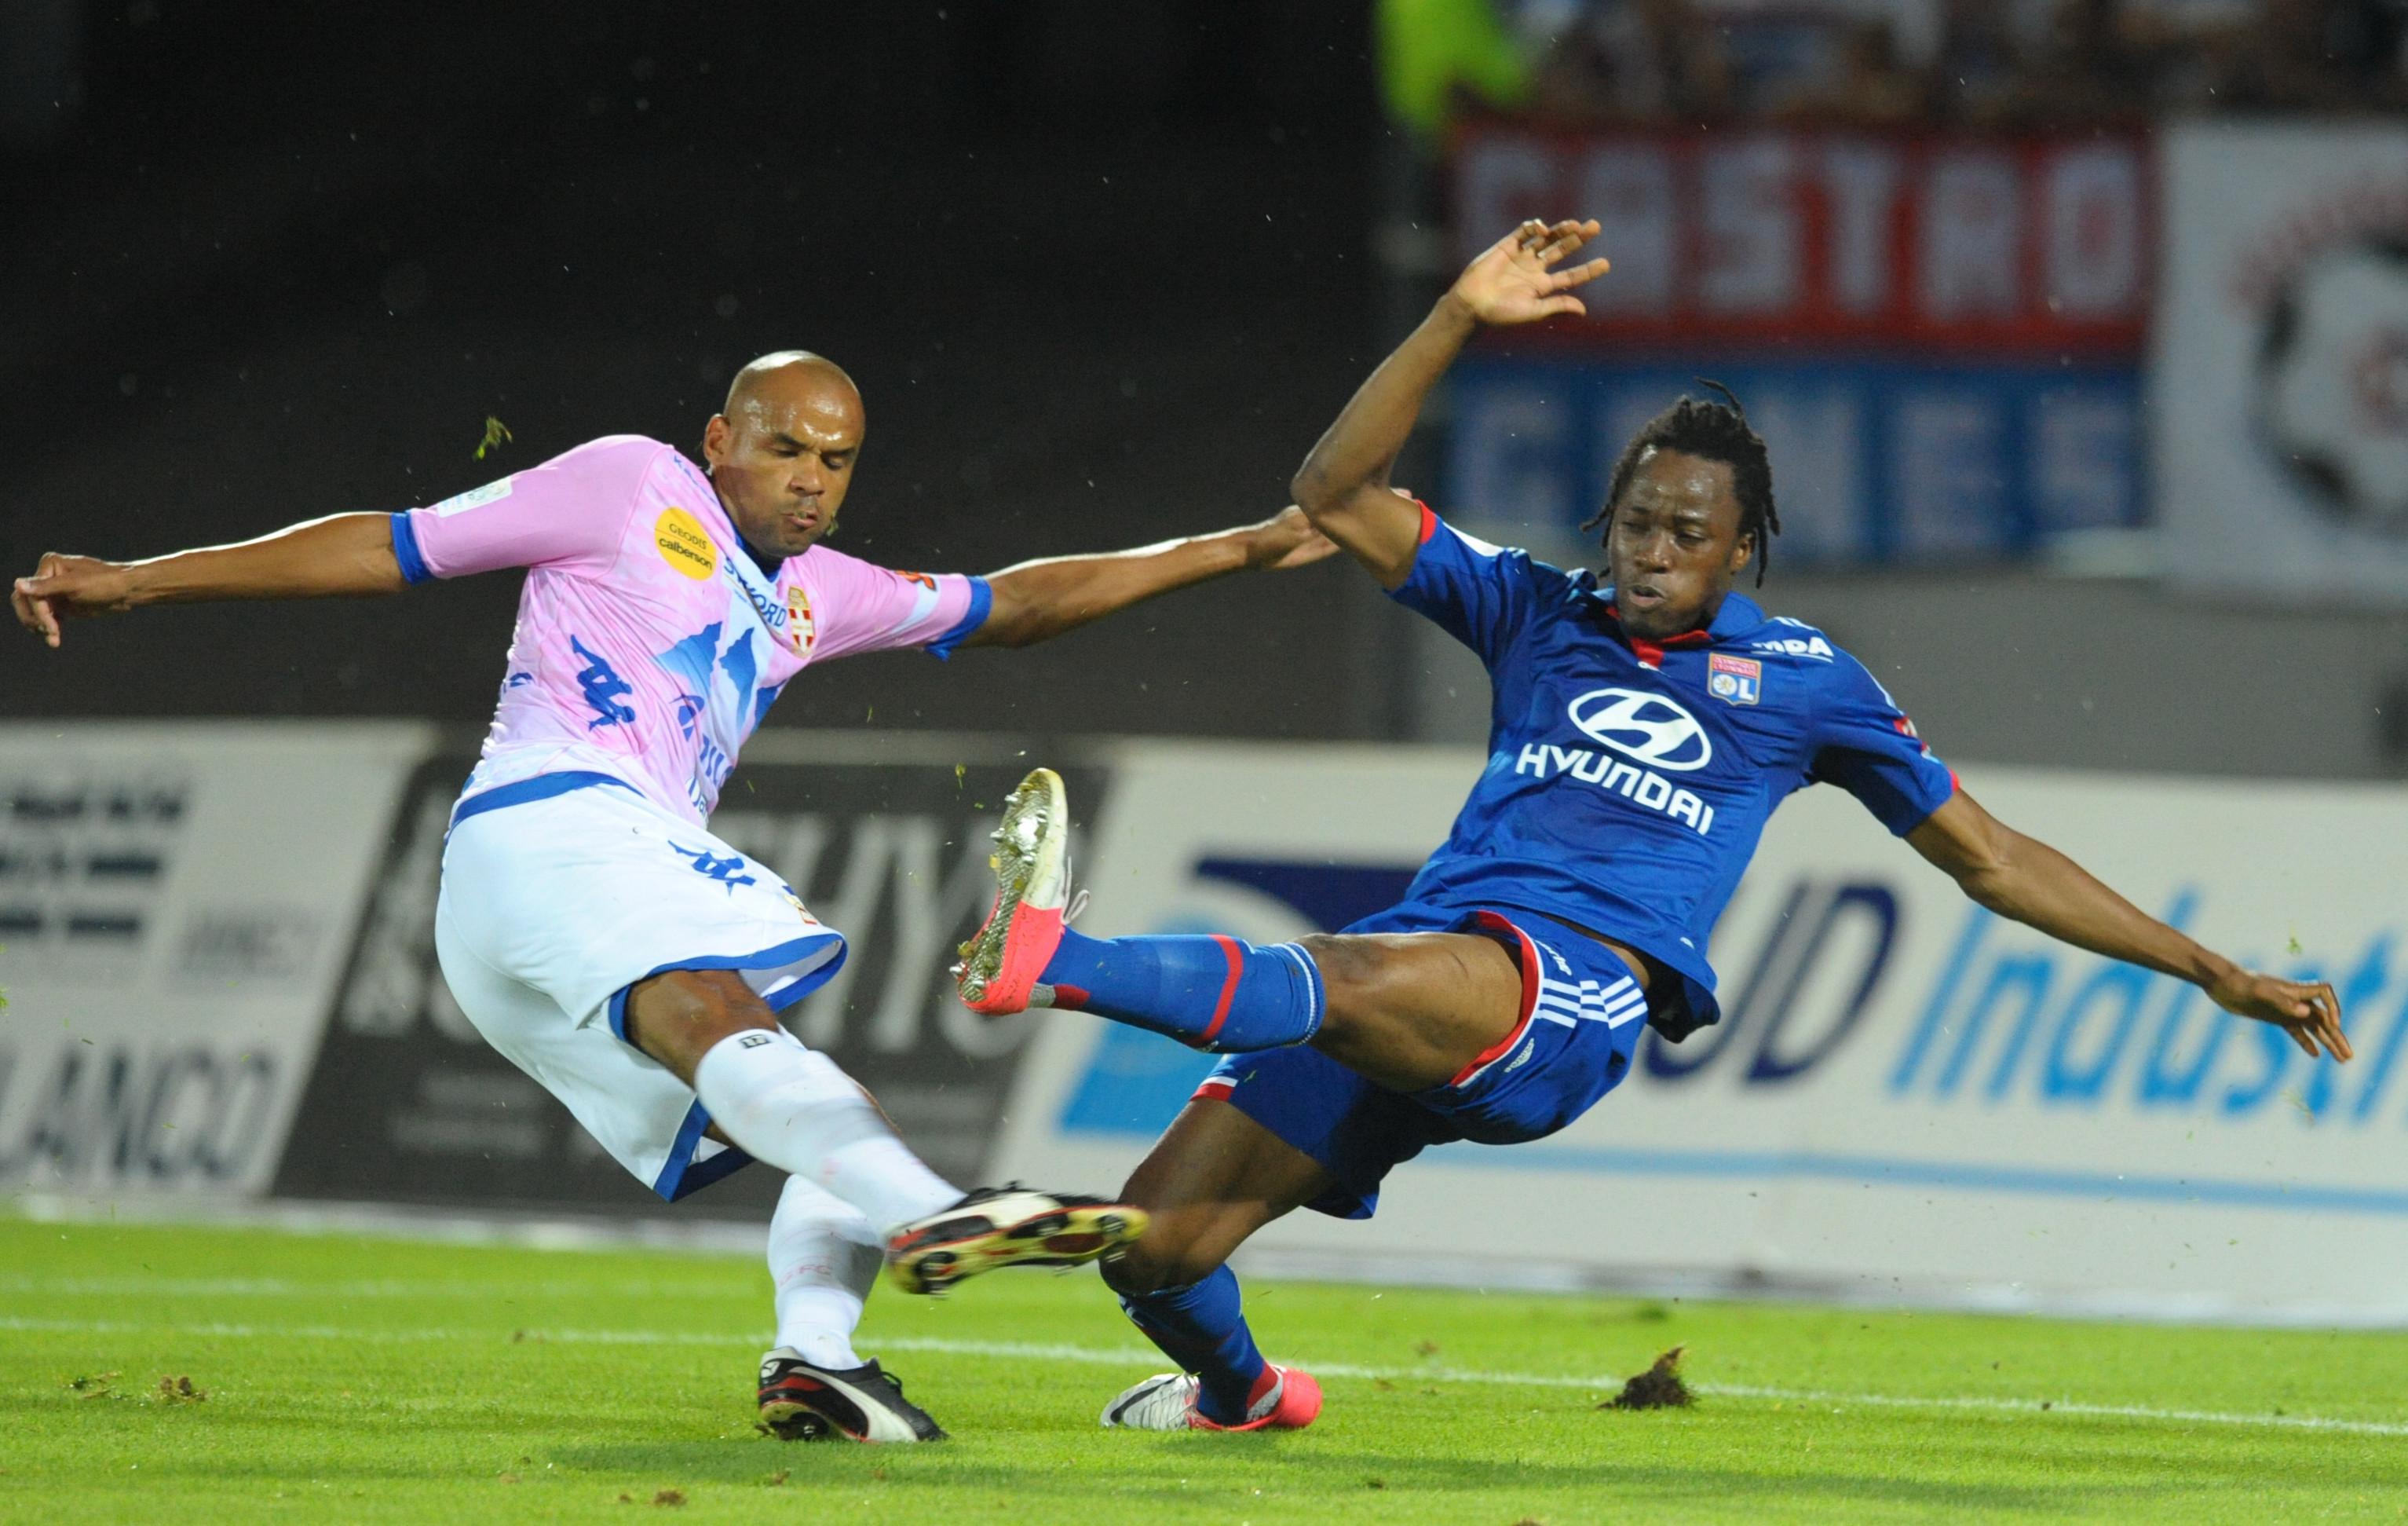 La coupe d afrique des nations contrarie la ligue 1 - Resultats coupe de la ligue 1 football ...